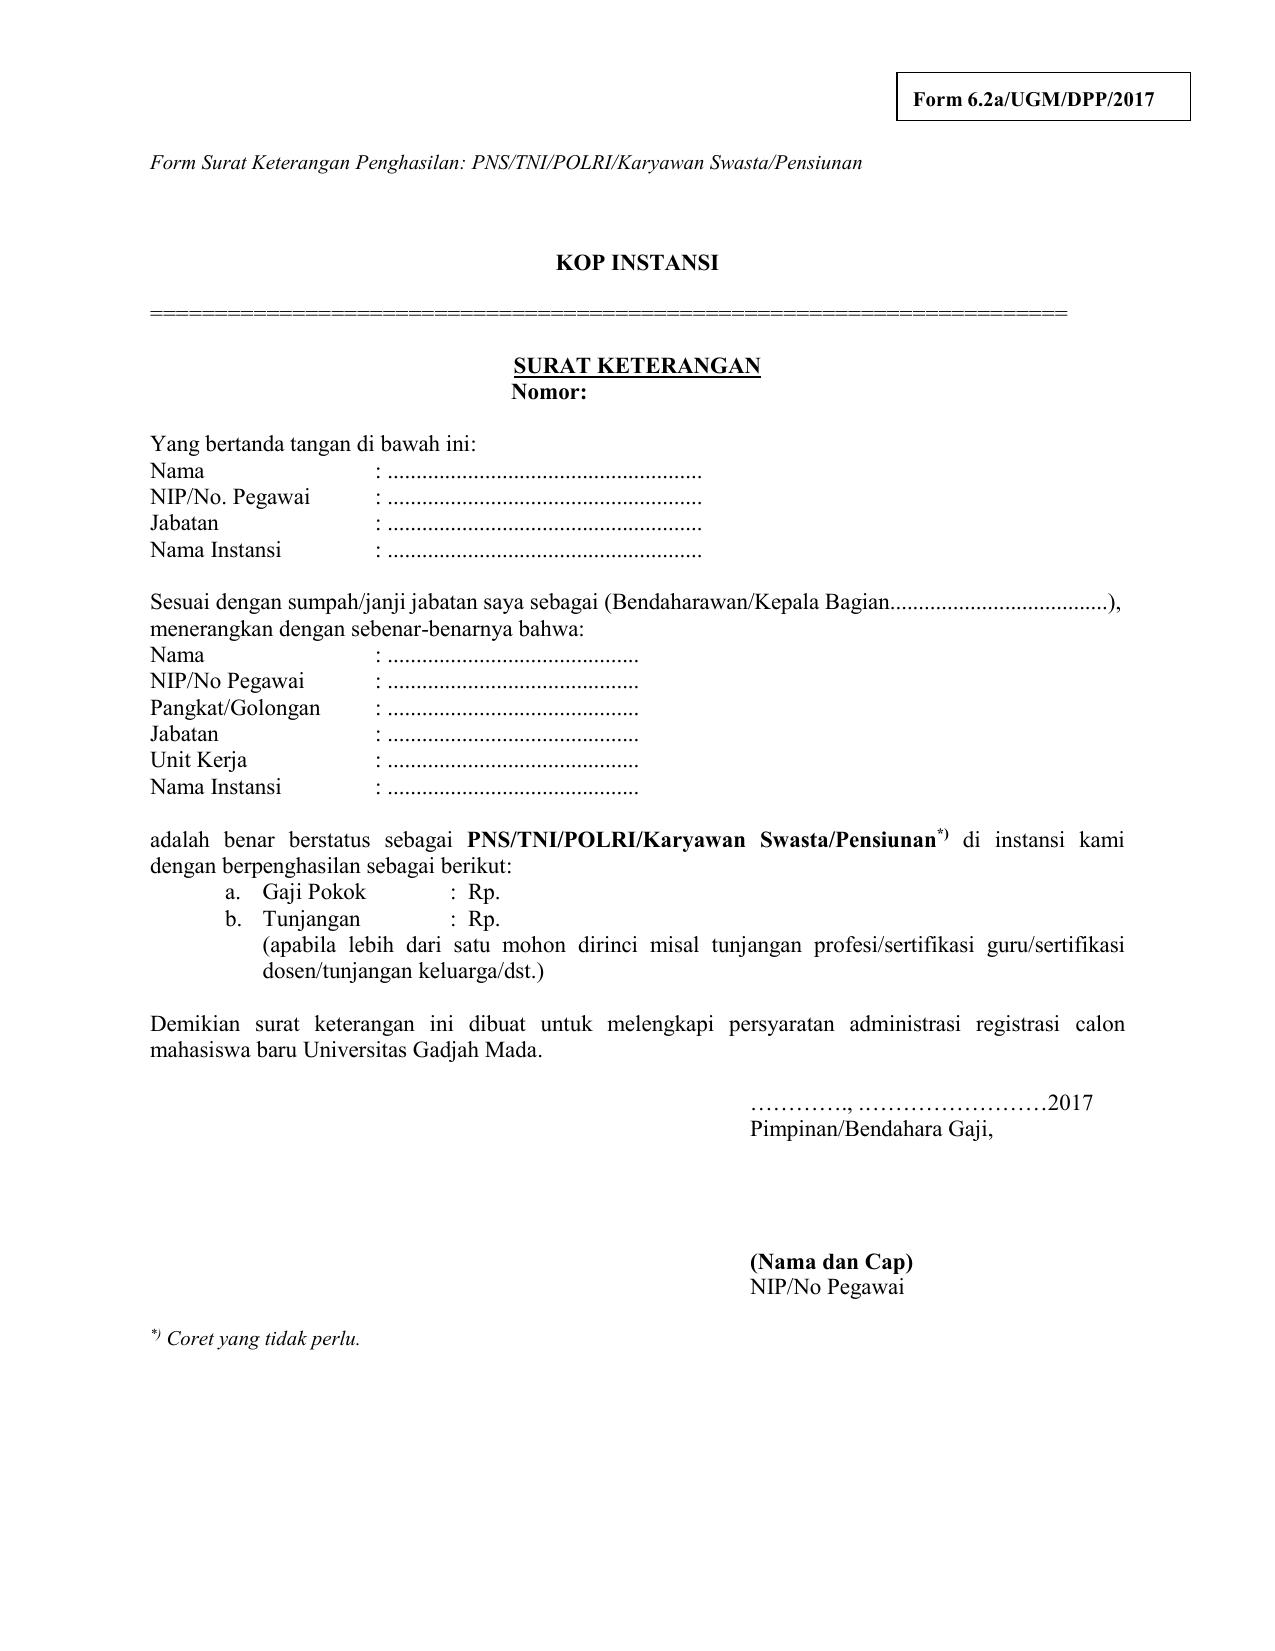 Form Surat Keterangan Penghasilan Pnstnipolrikaryawan